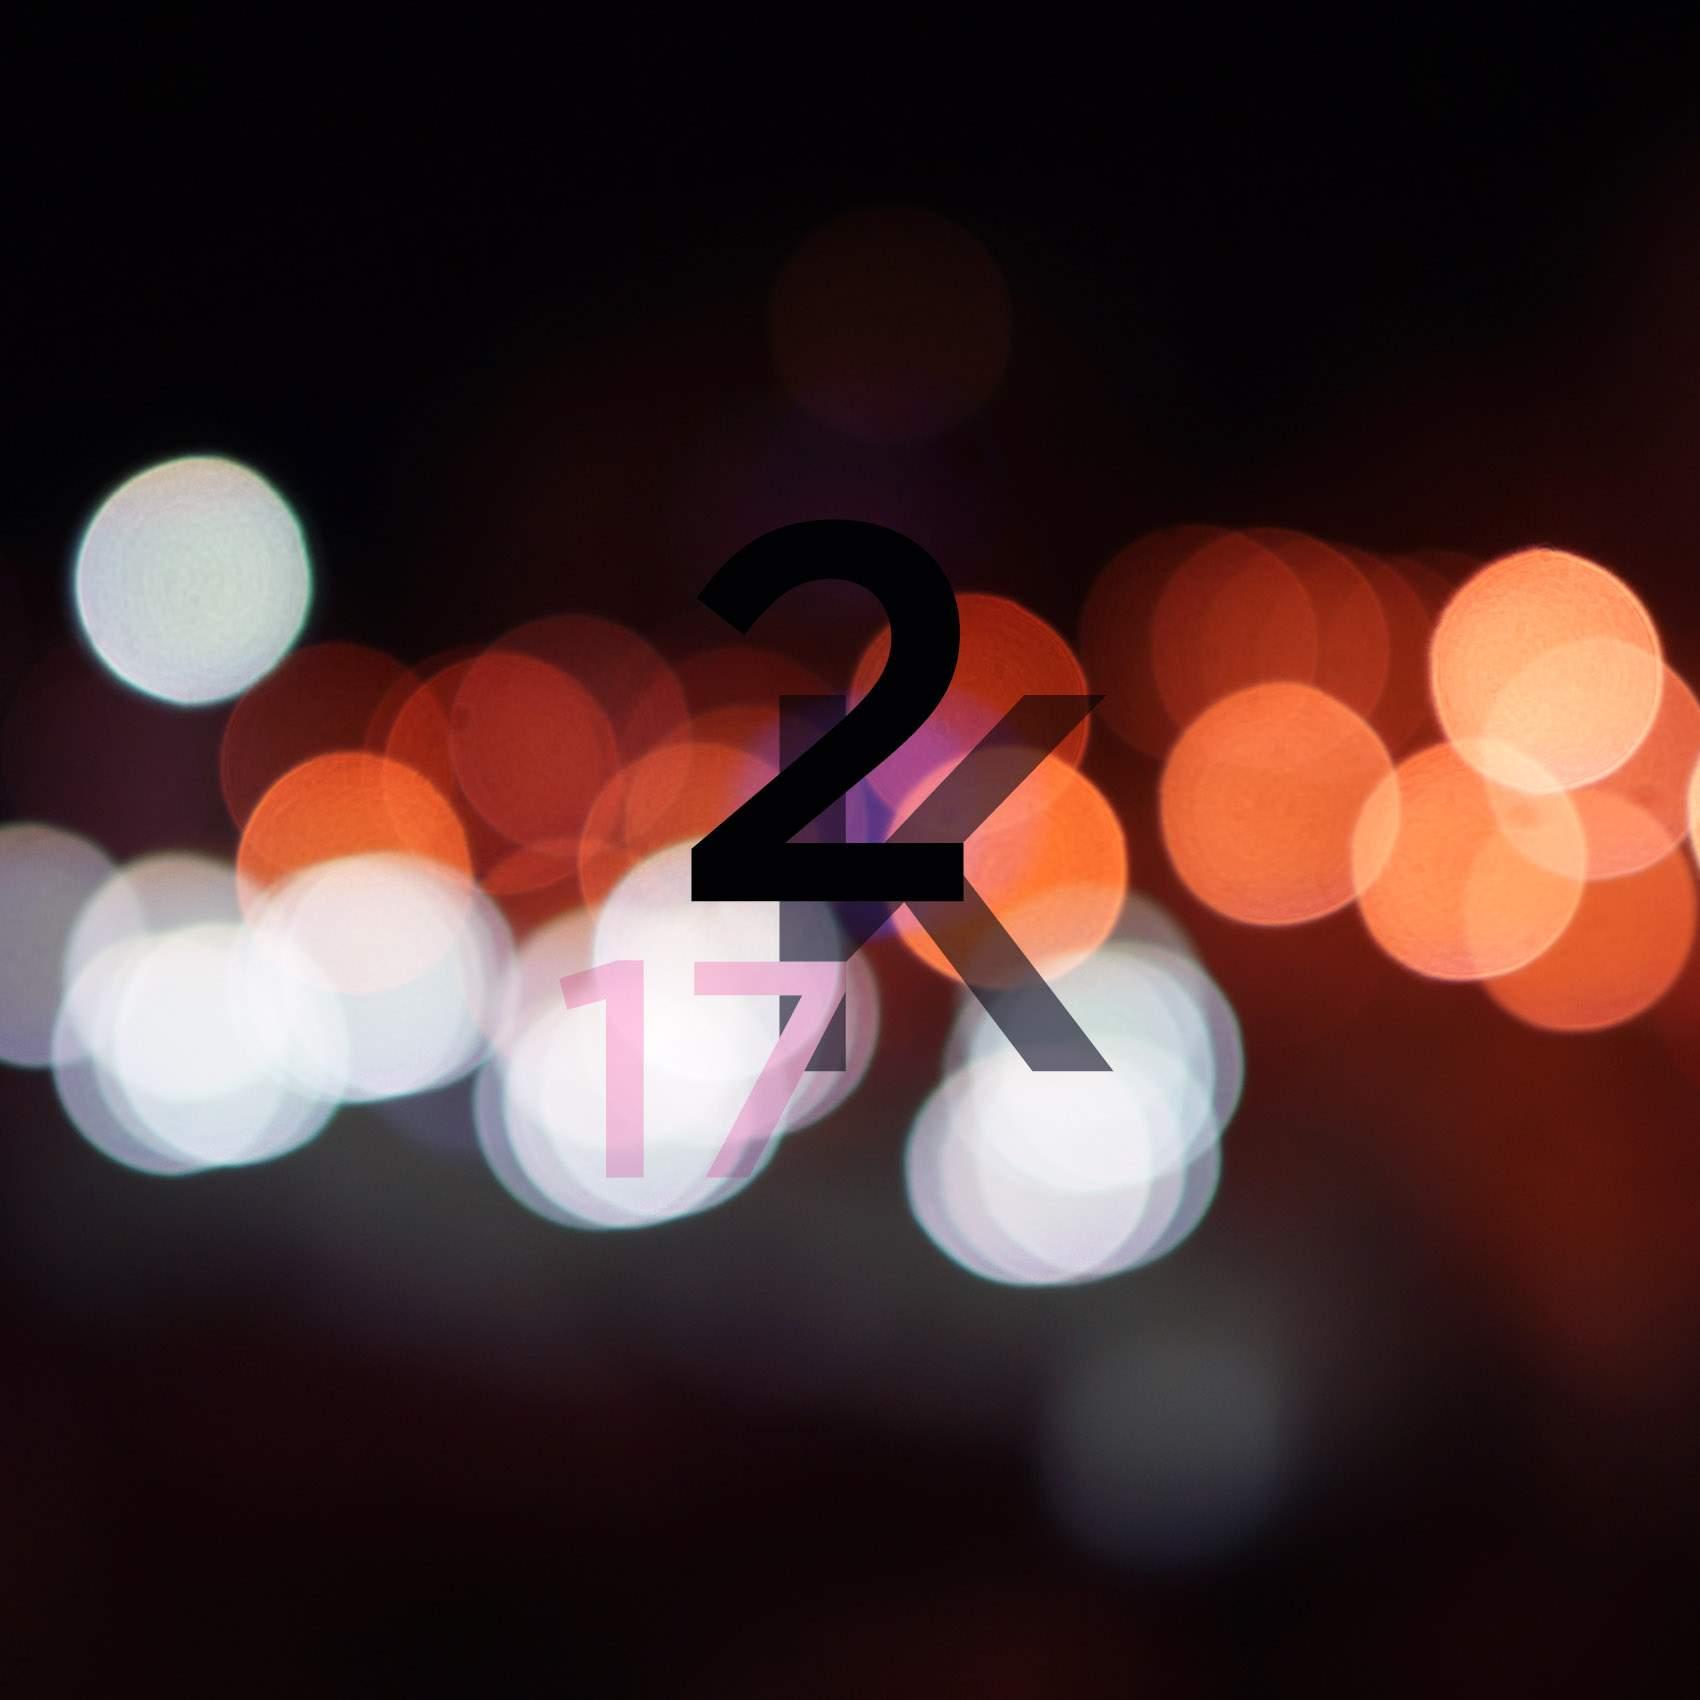 2k17-blog